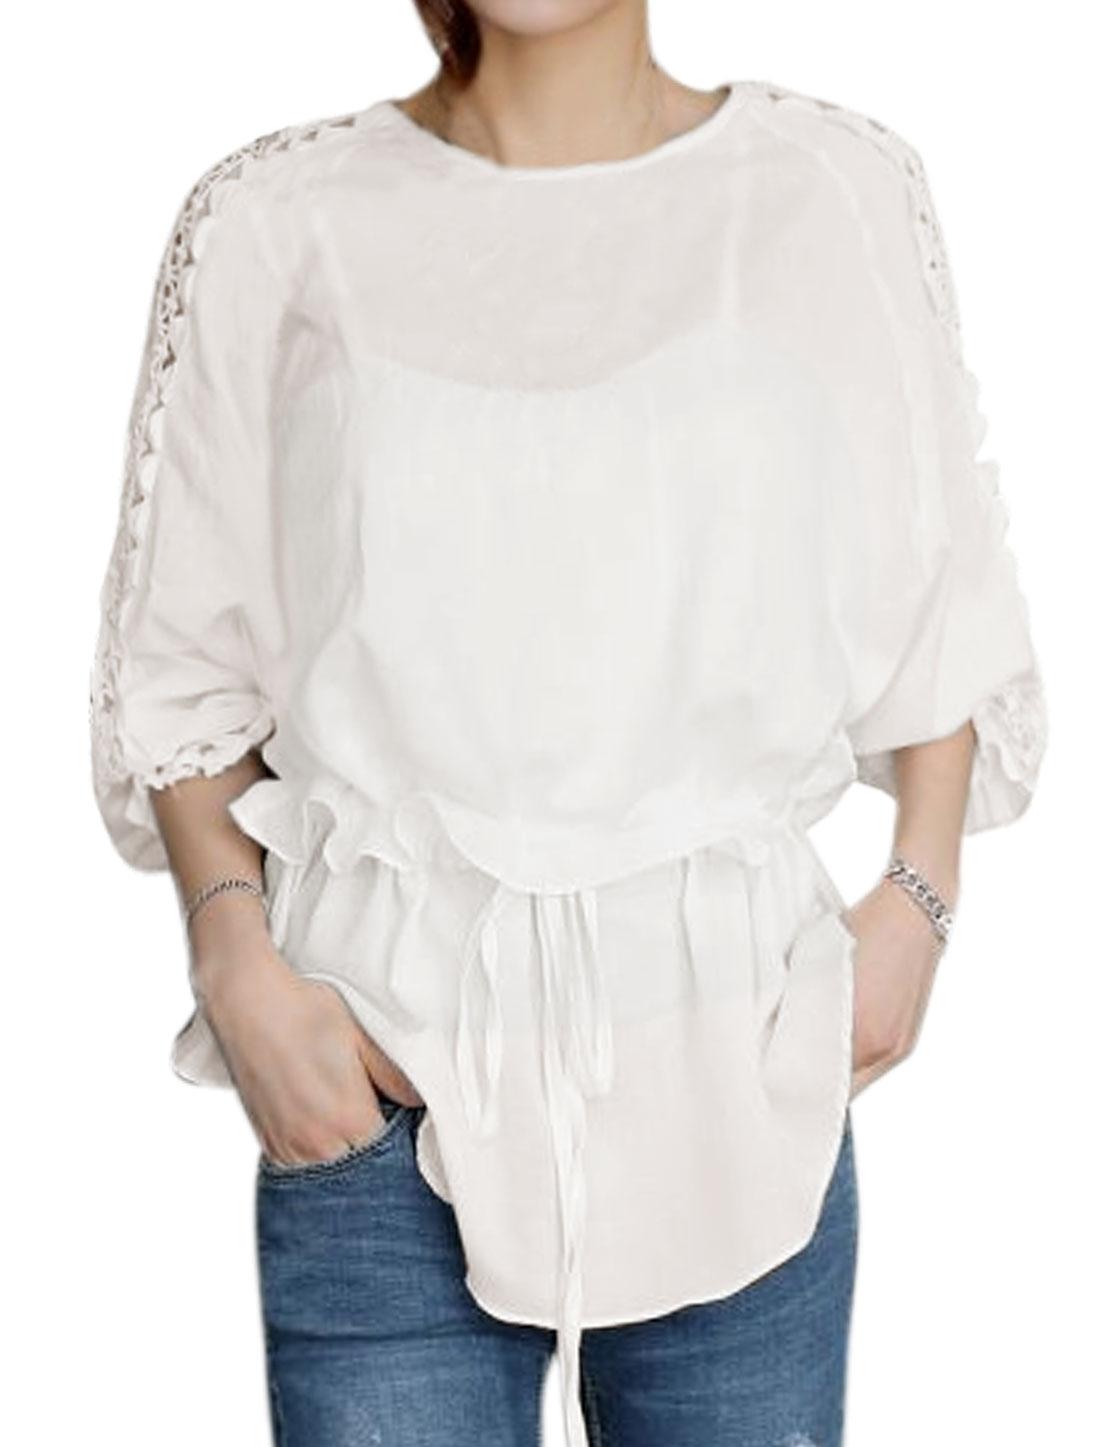 Women Crochet Hollow Out Drawstring Blouse White M